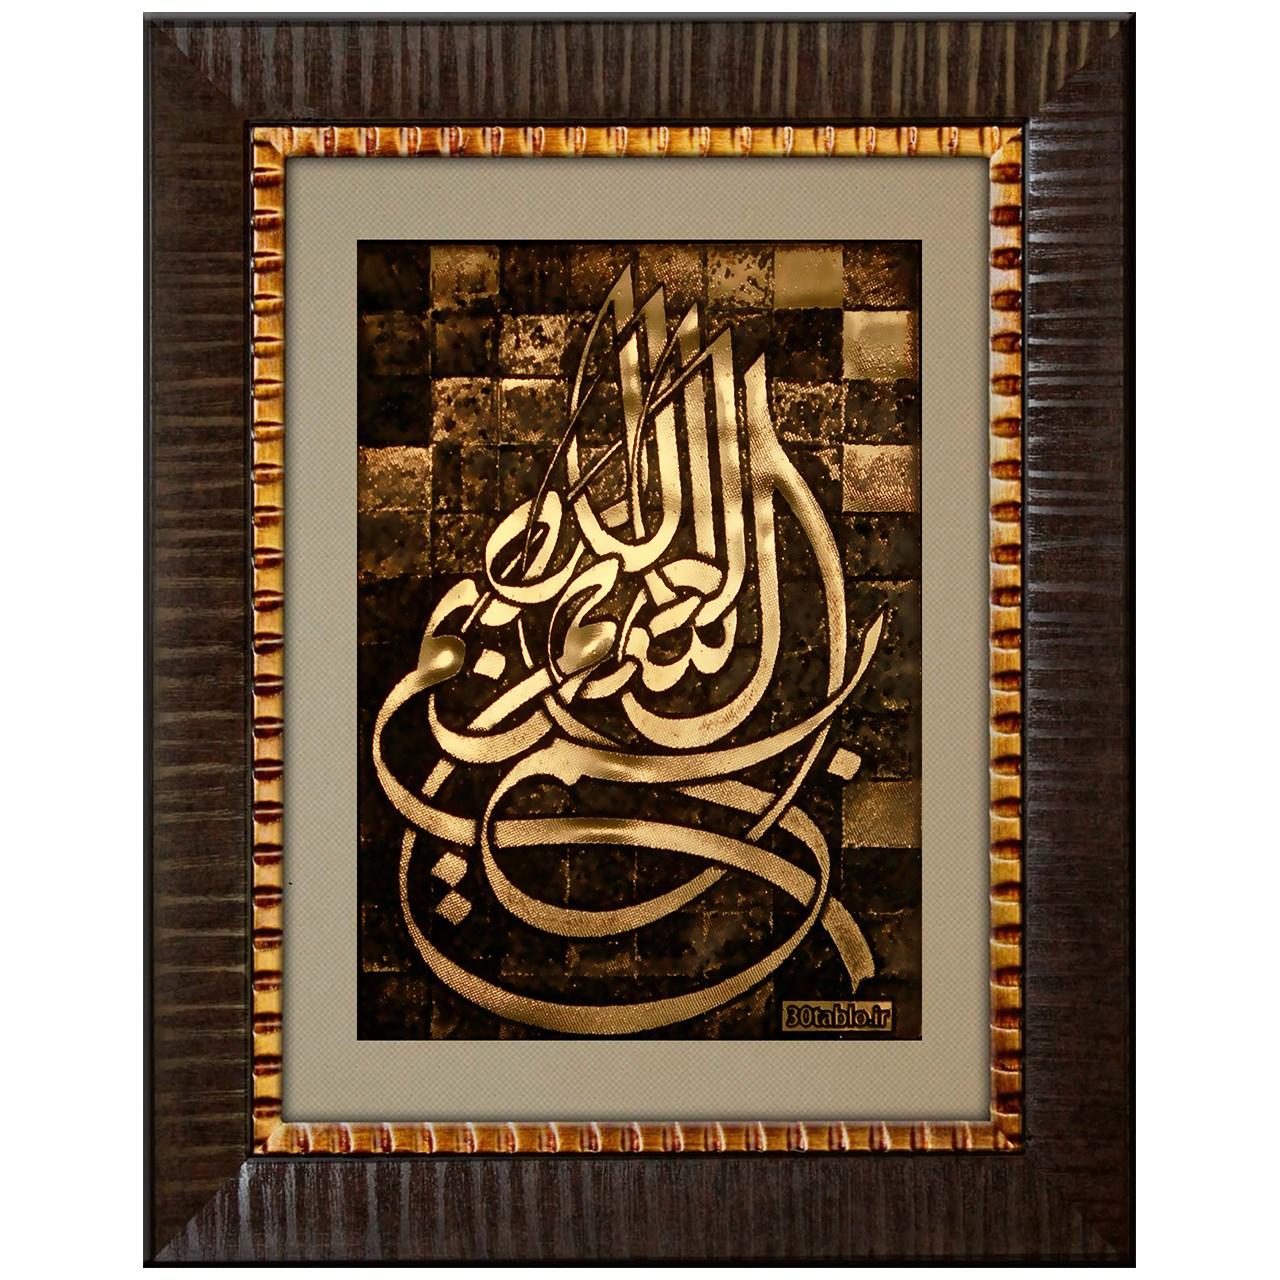 تابلو  بسم الله الرحم الرحیم  سیتابلو مدل D151